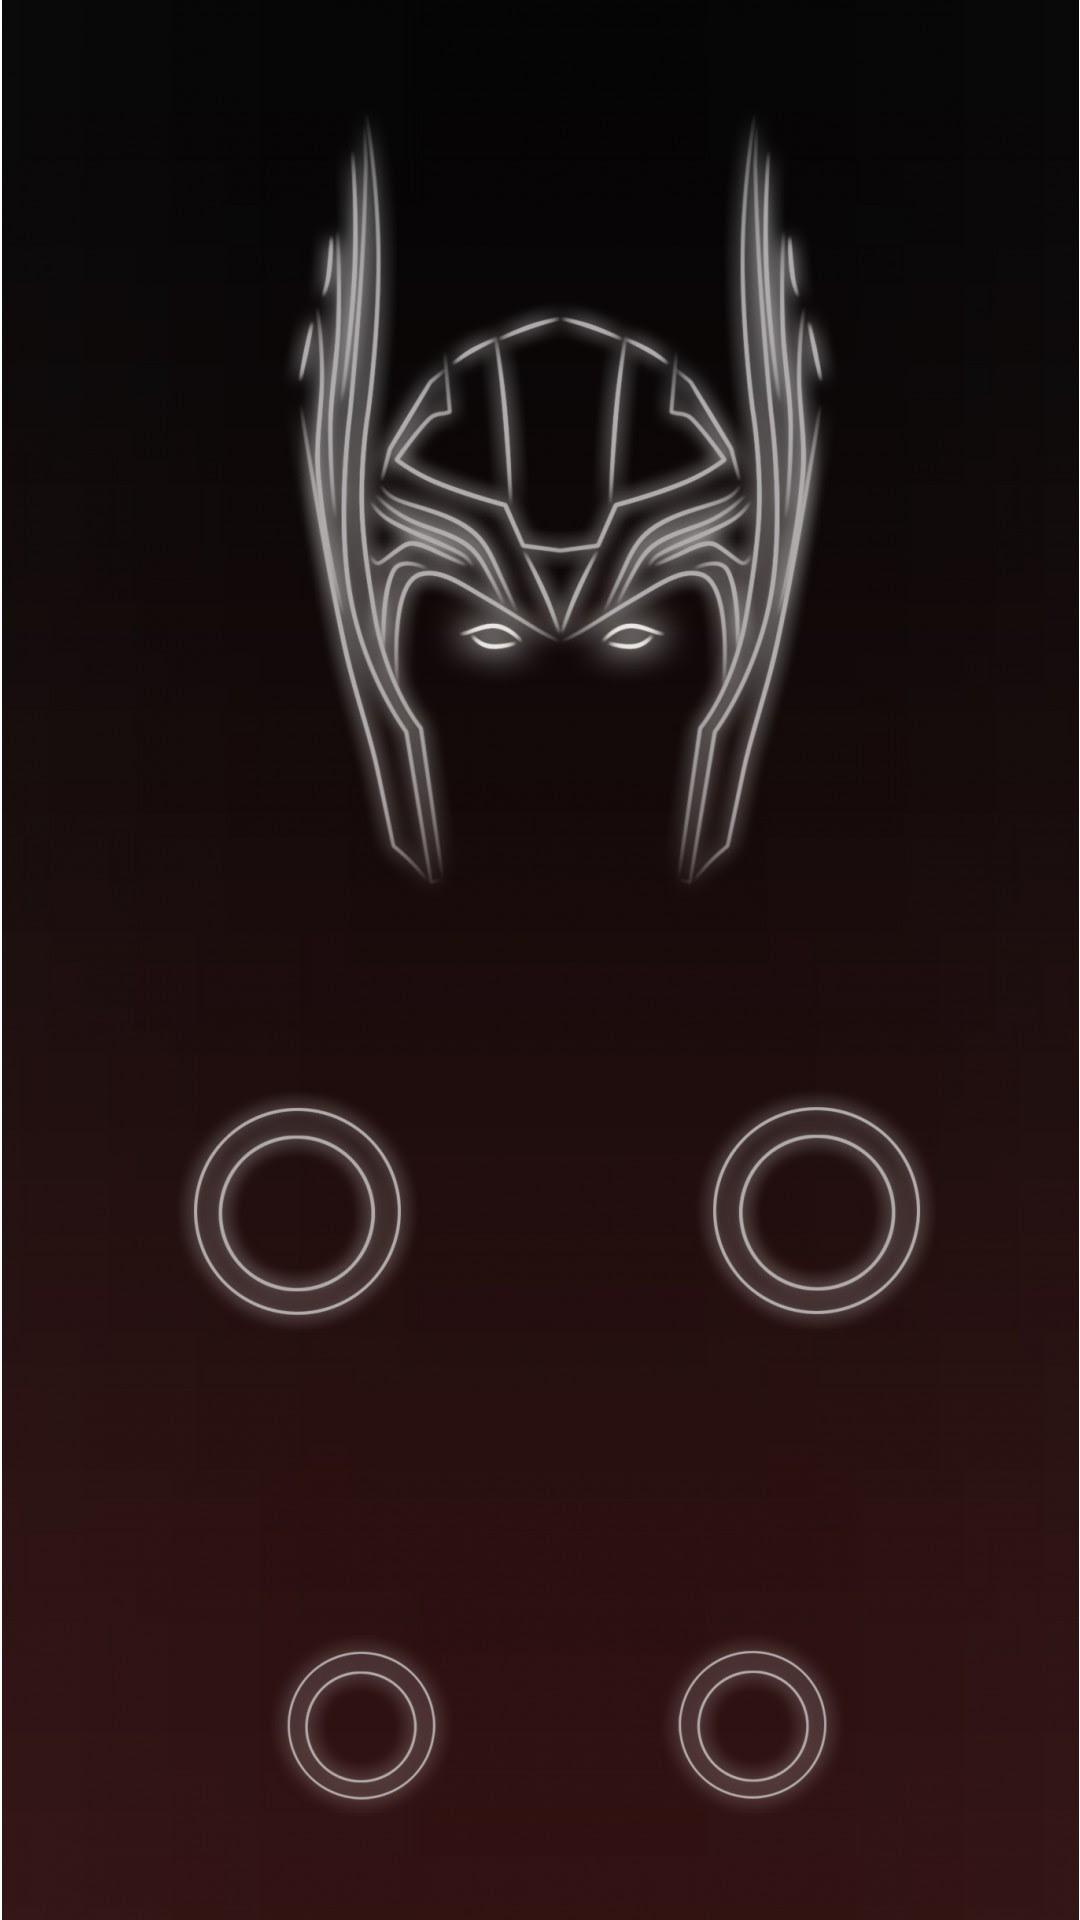 11+ Neon Aesthetic Iphone Wallpaper - Bizt Wallpaper